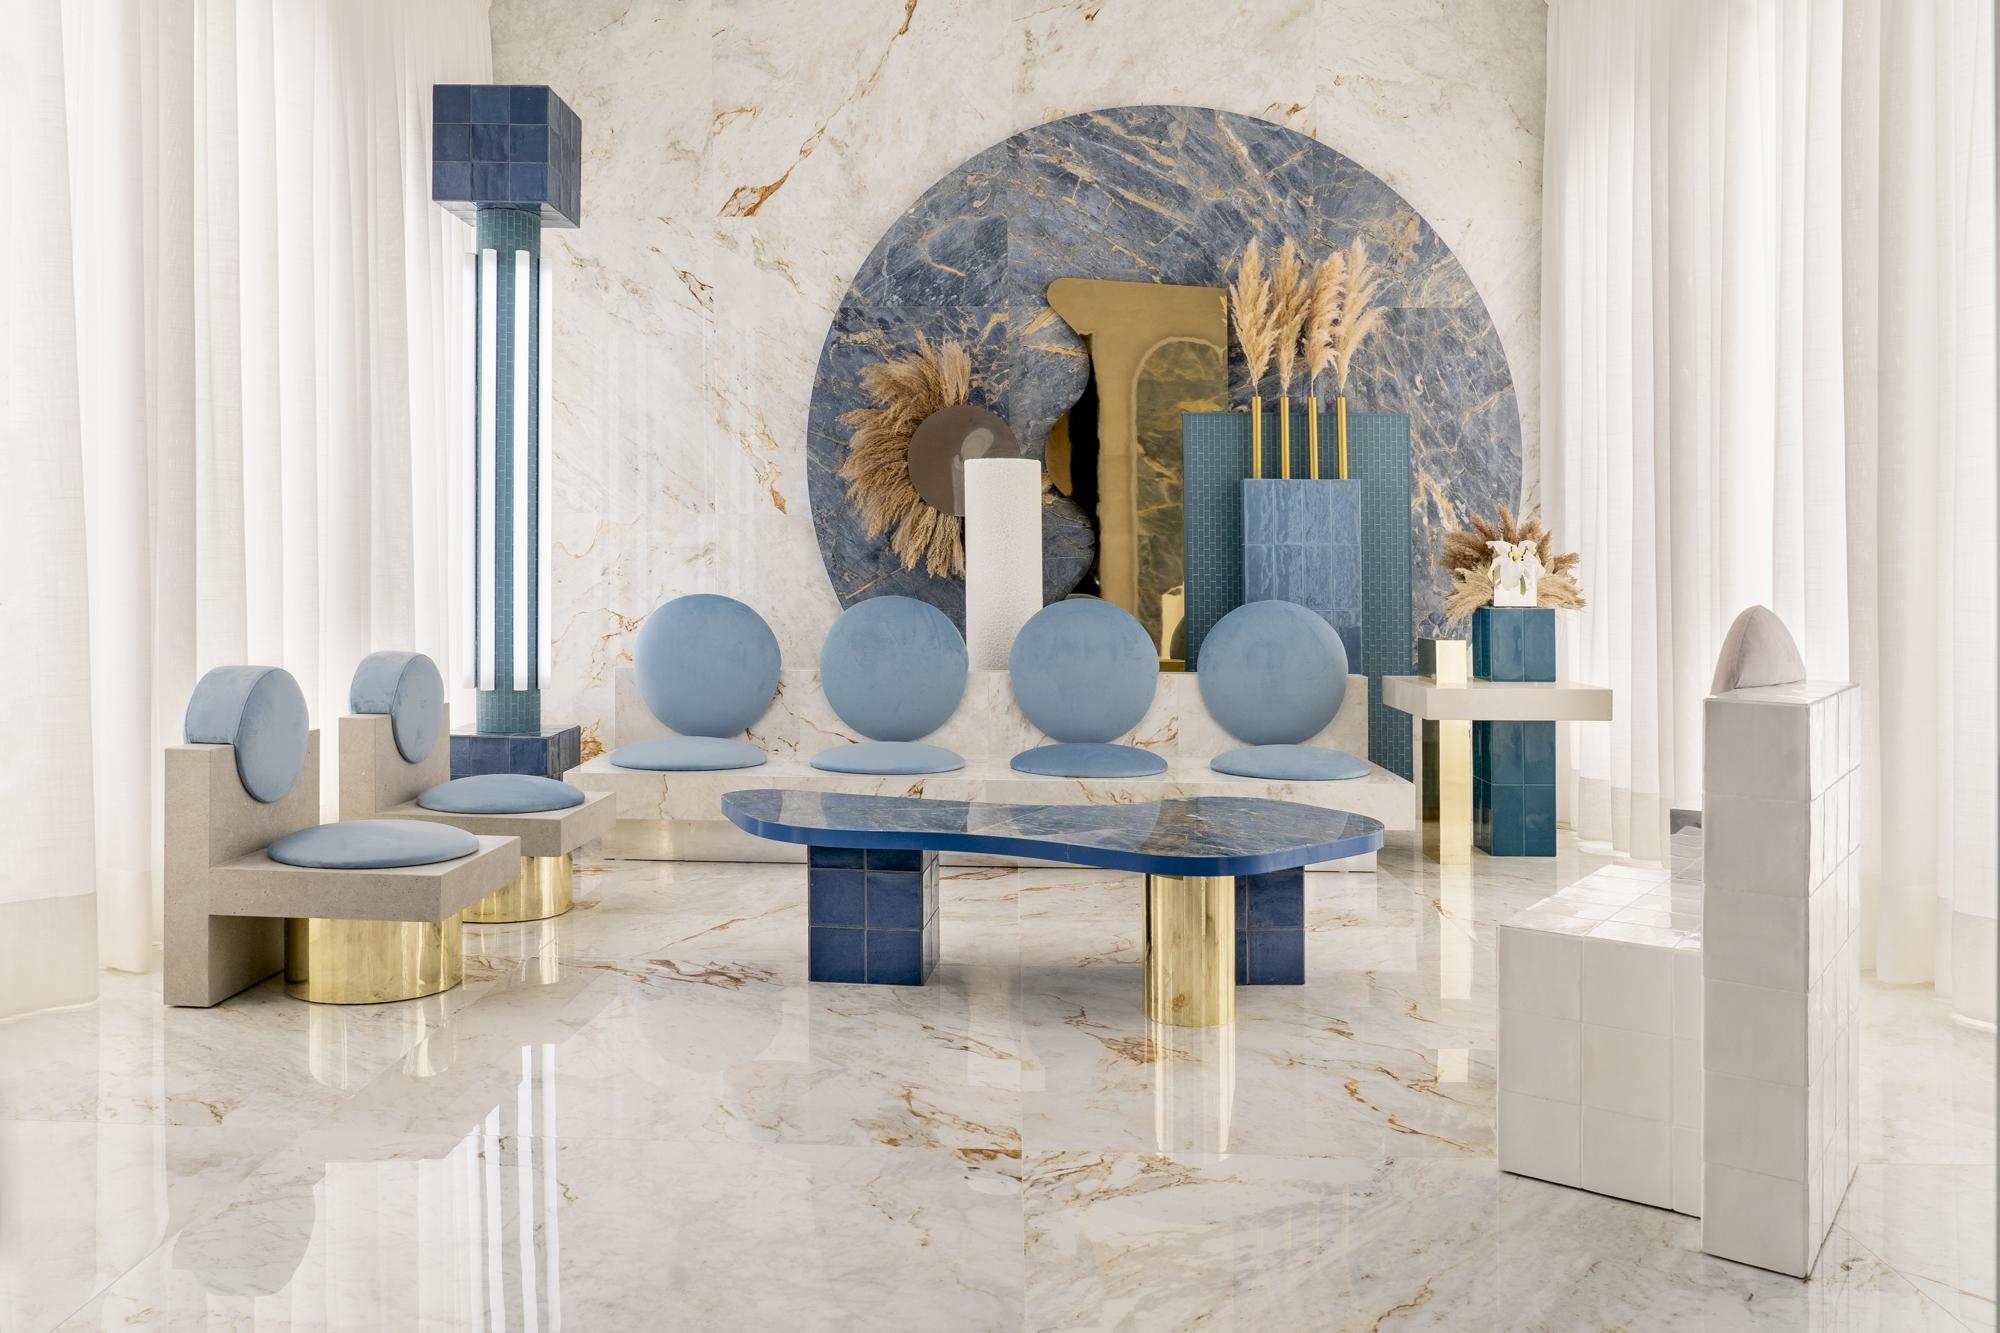 Casa Decor 2020: Los más inflyentes diseñadores de interiores casa decor Casa Decor 2020: Los más inflyentes diseñadores de interiores CaballeroCosmica Masquespacio CasaDecor P 1